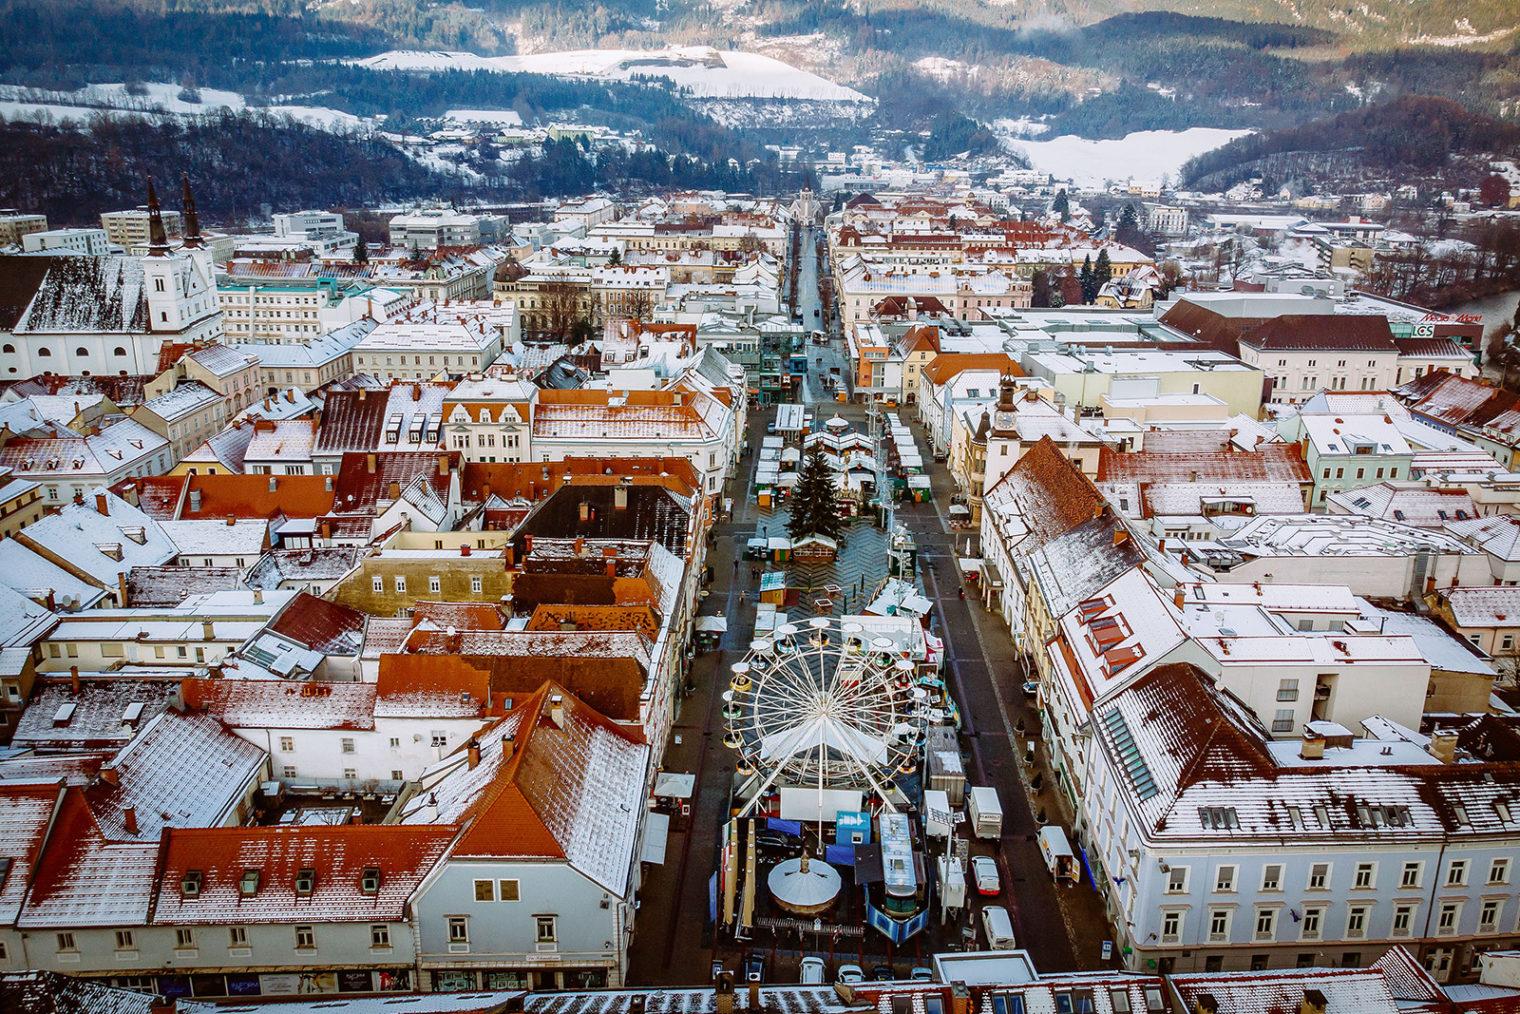 Luftbild Hauptplatz Leoben mit Adventmarkt